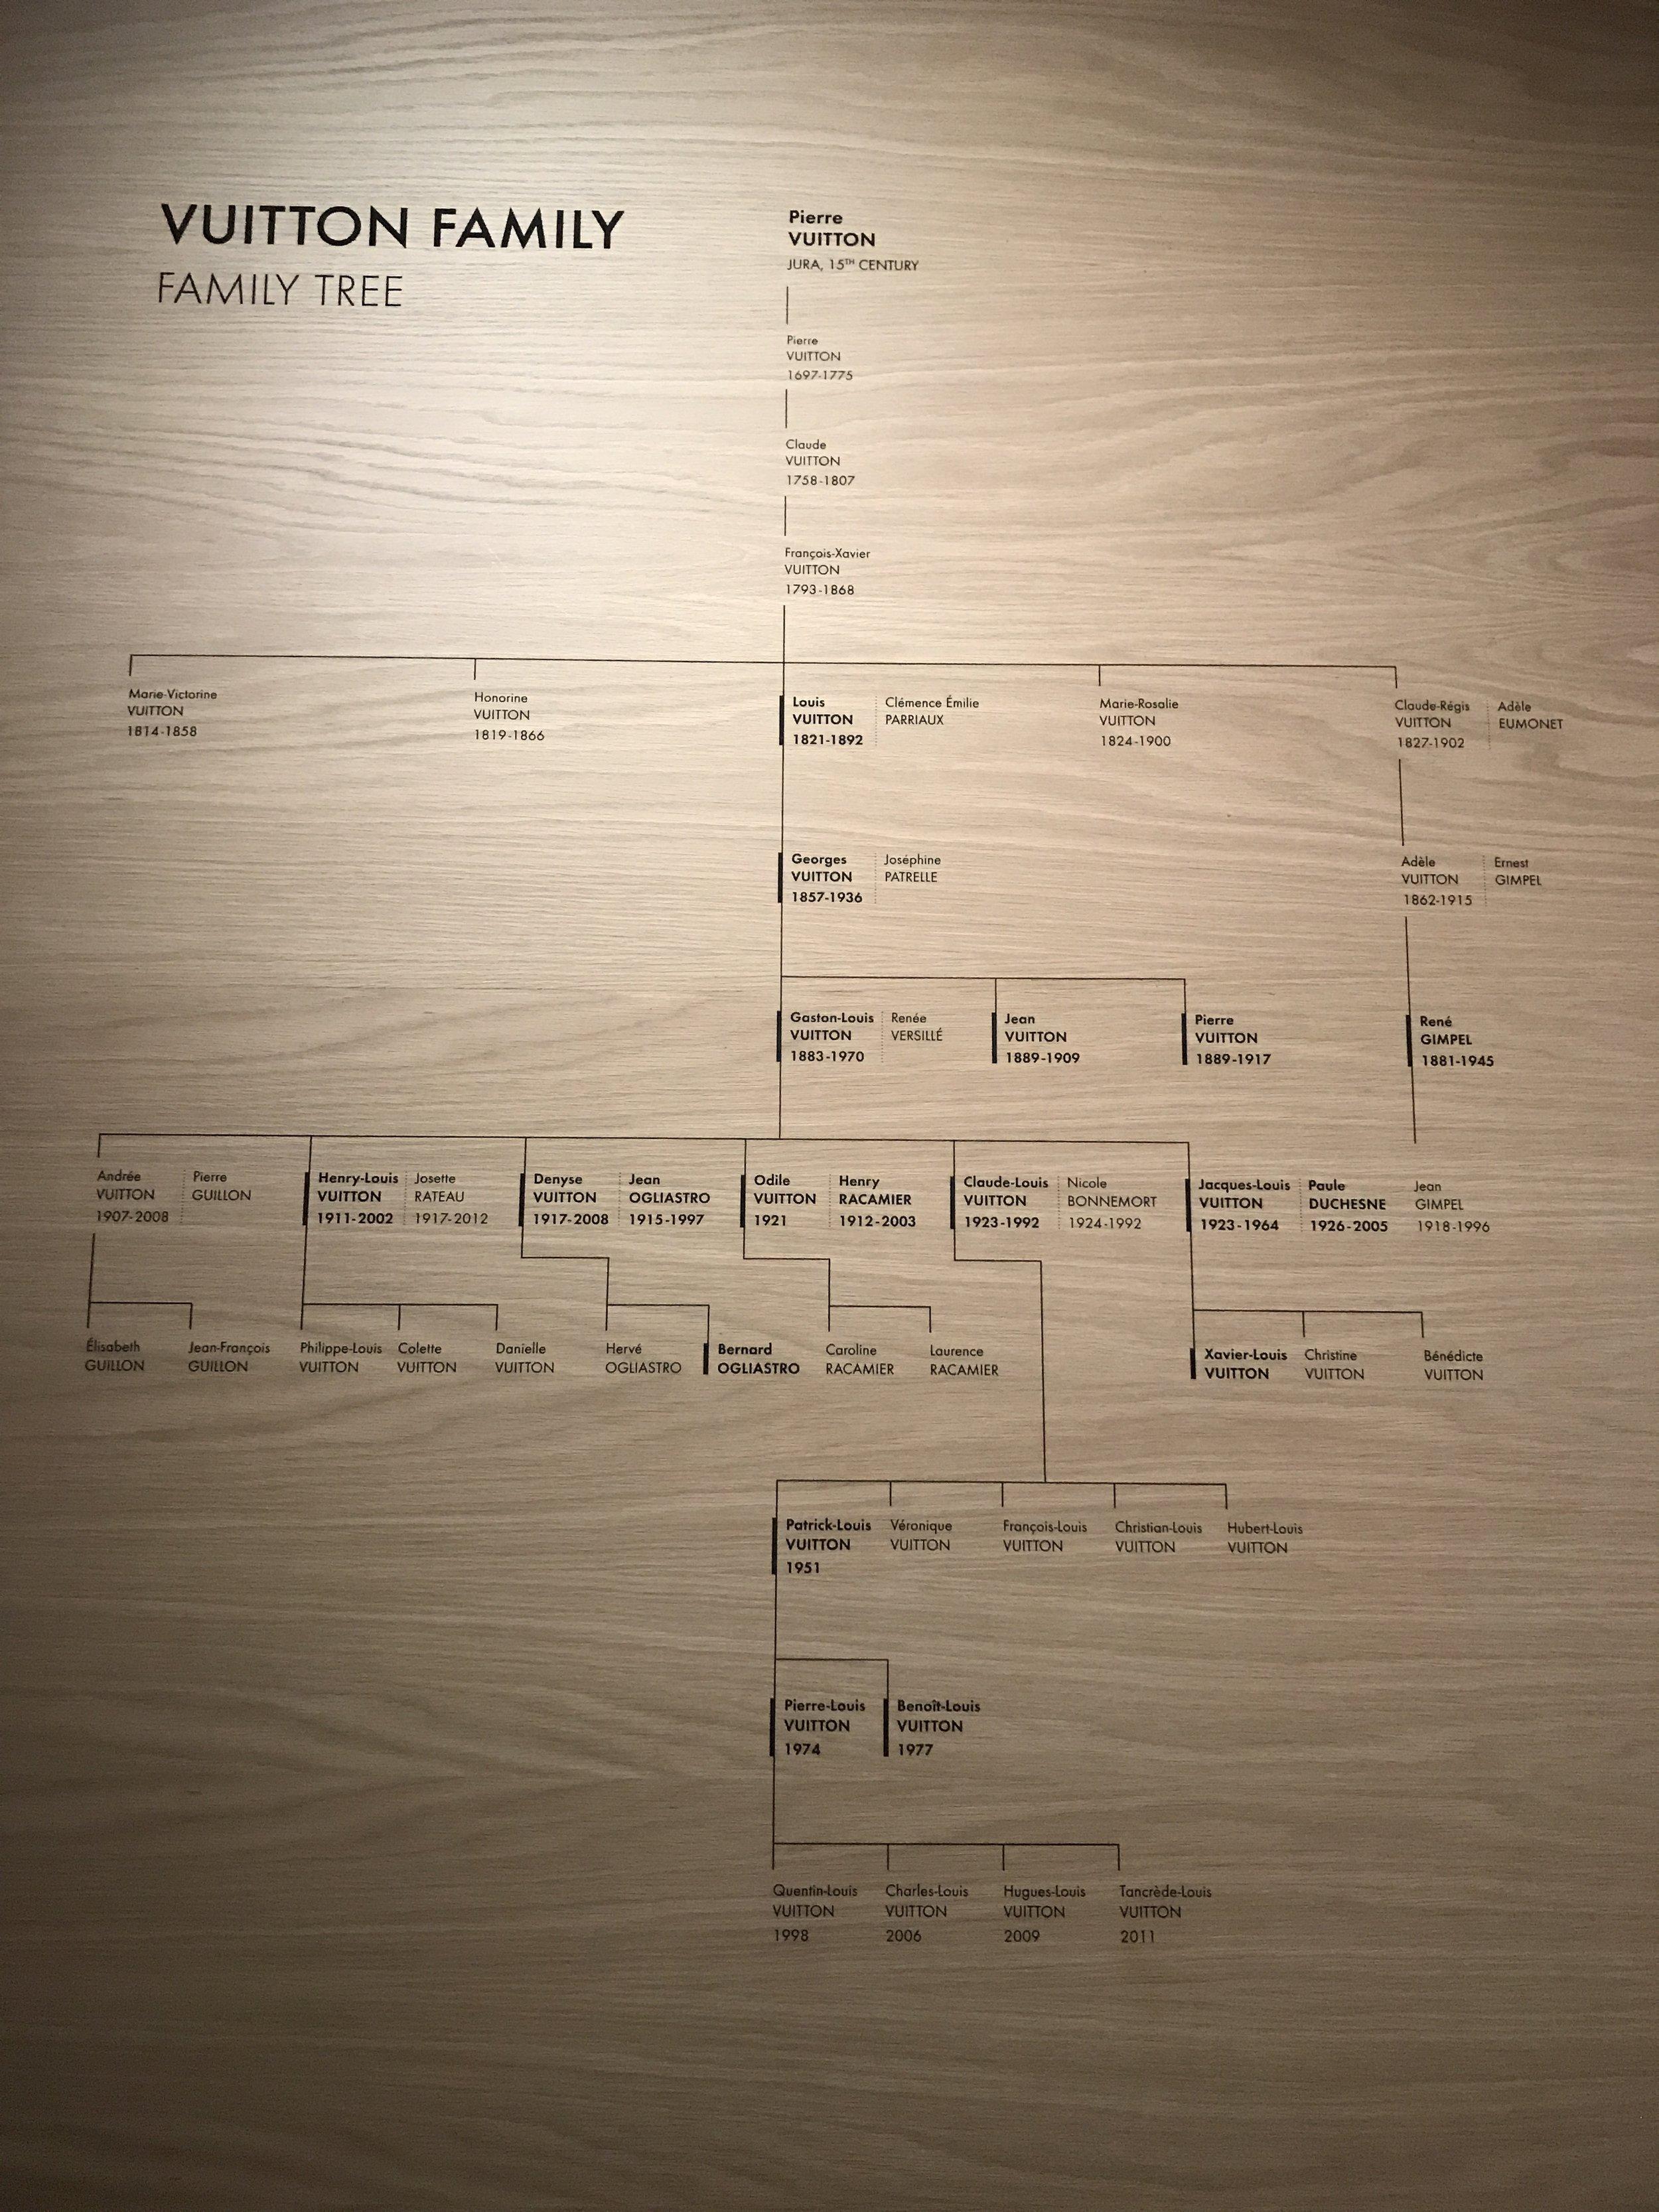 Louis Vuitton Family Tree